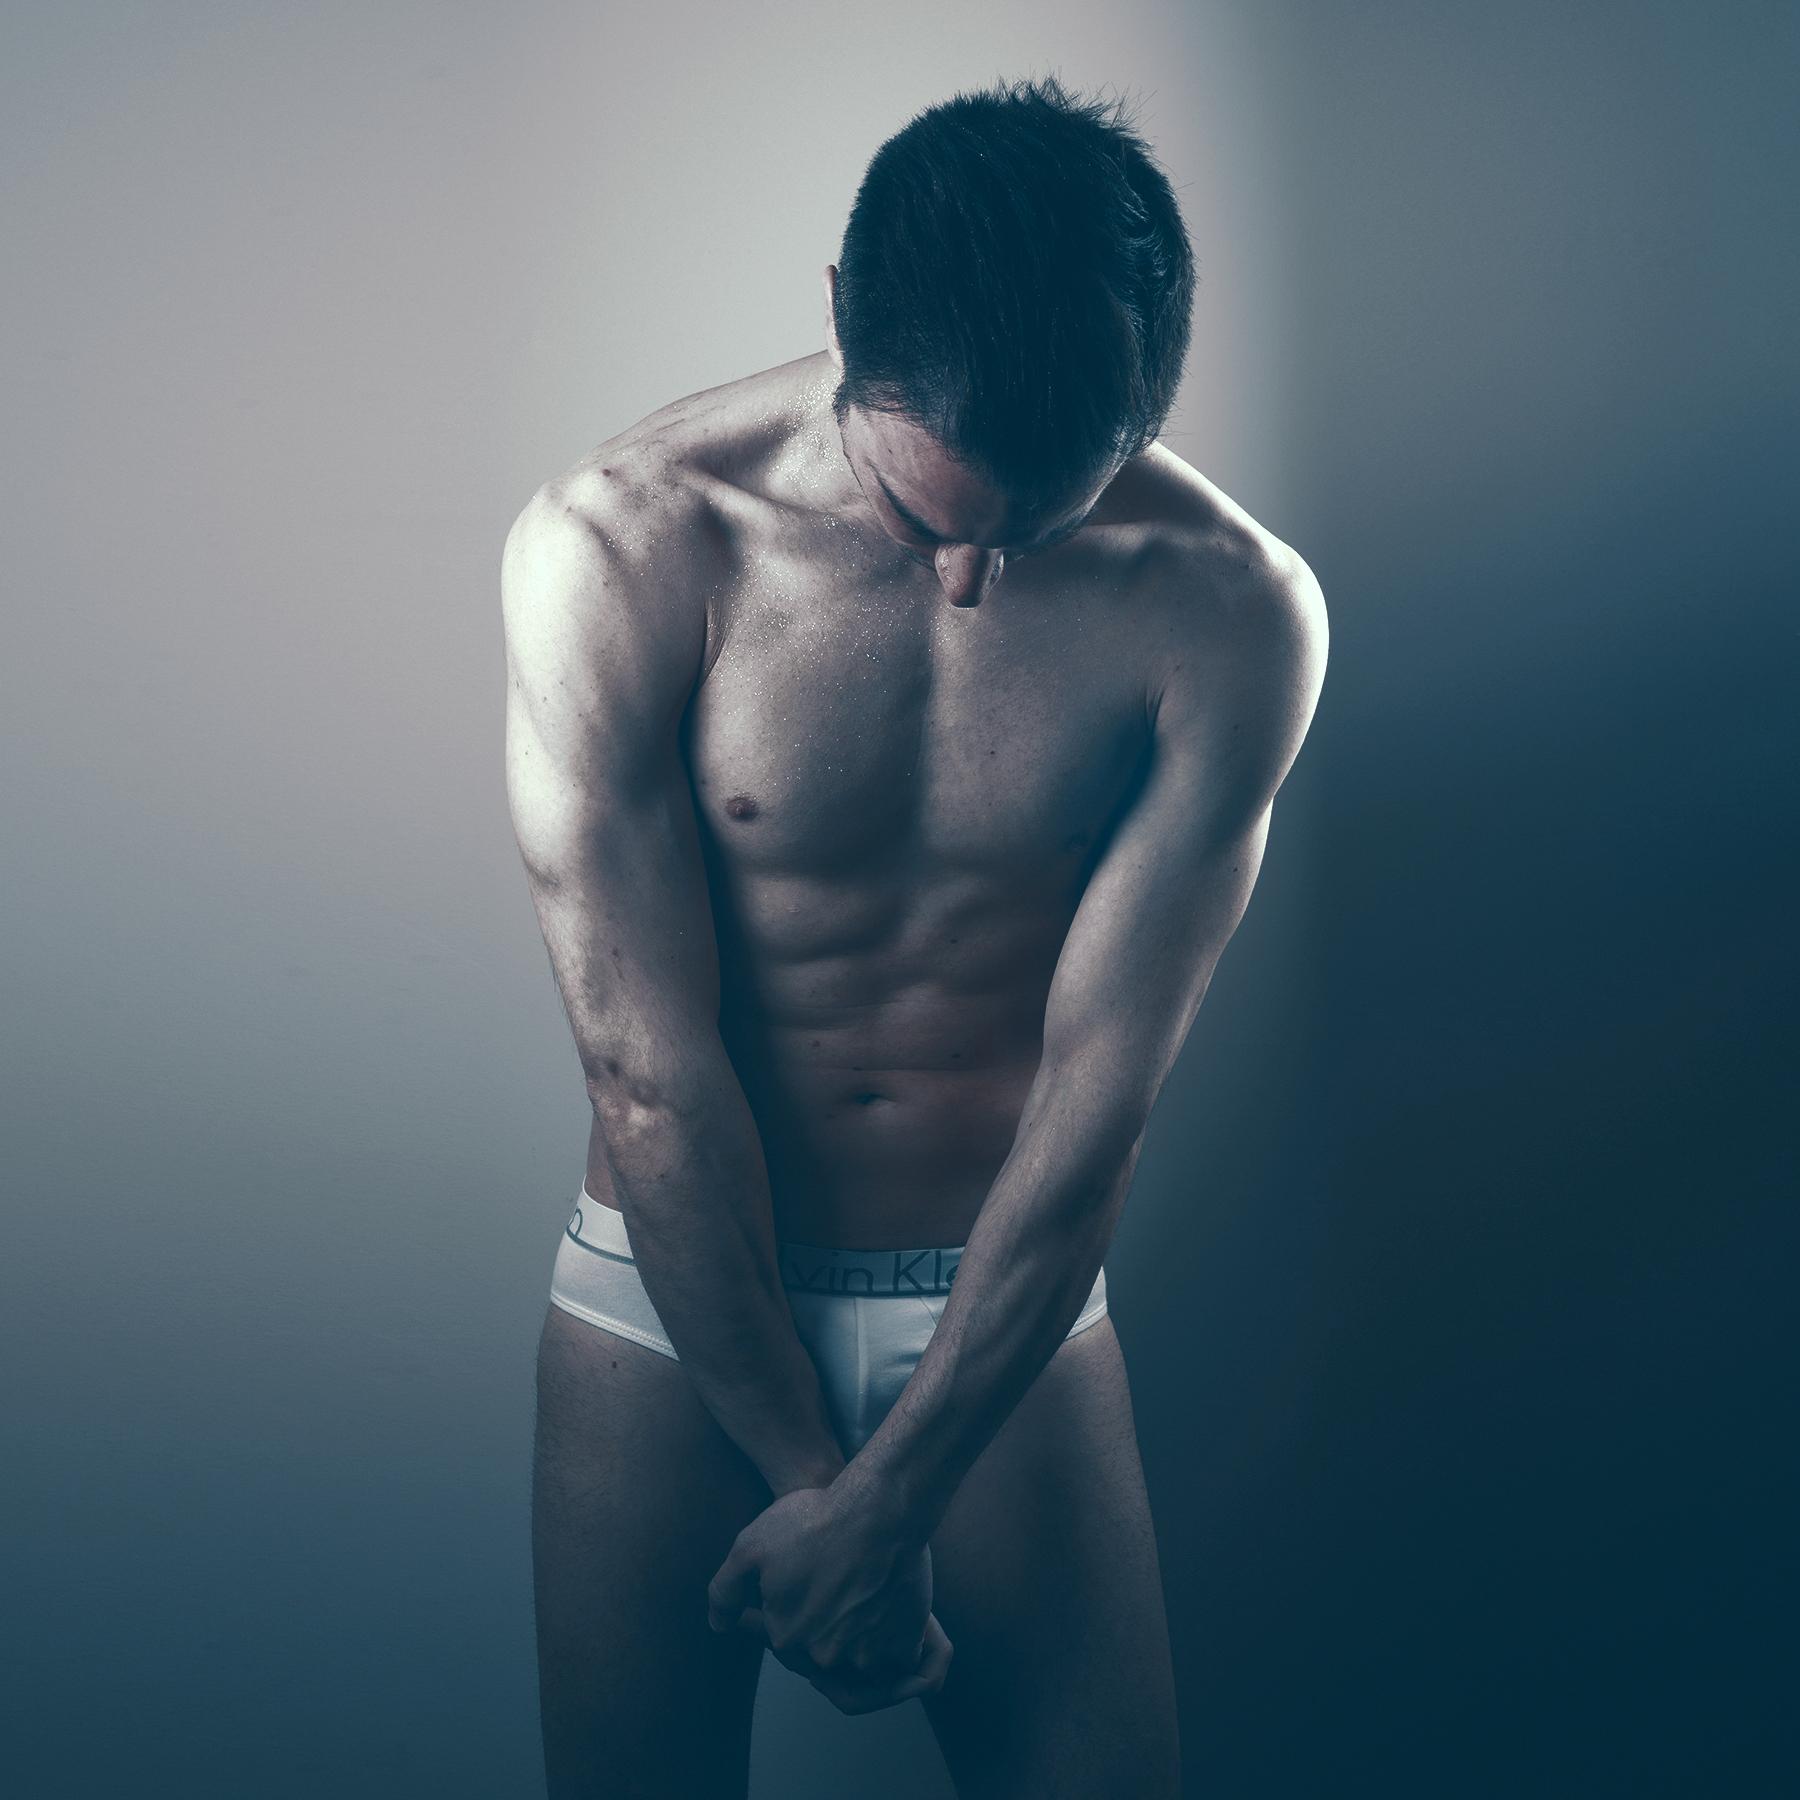 Jose-Angel-Fotografia_Desnudo-Masculino-Hombre-.jpg